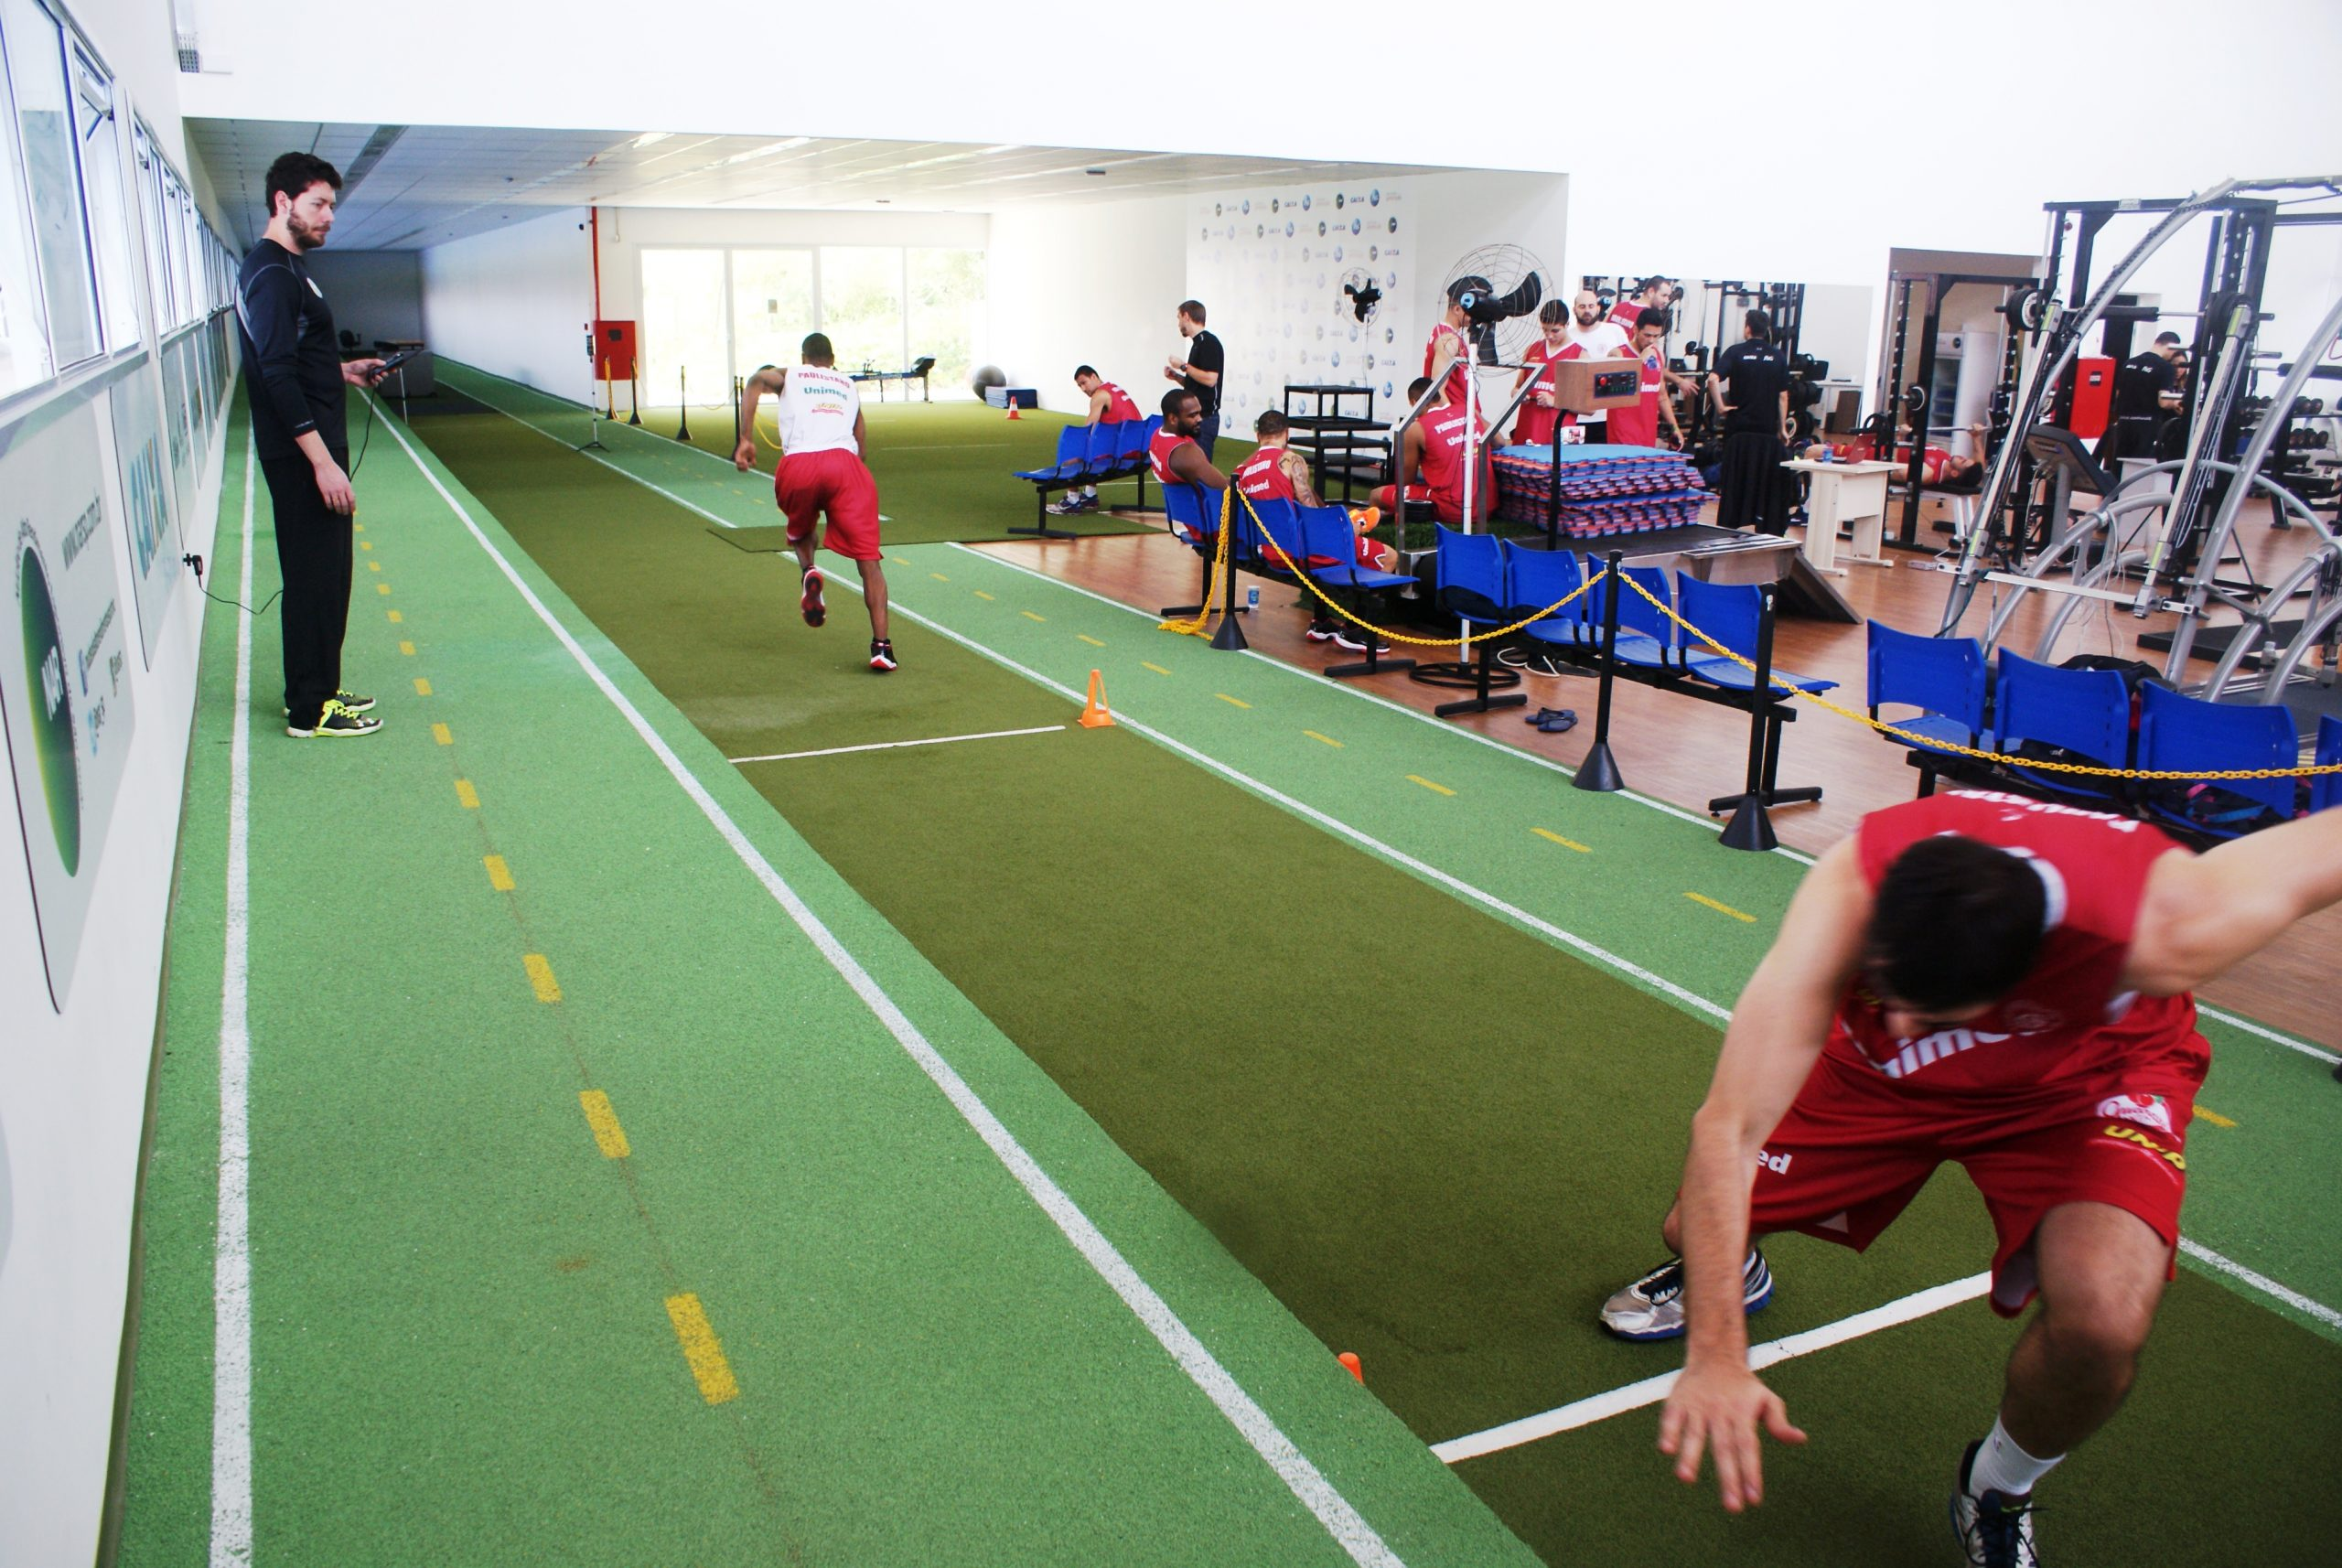 Uma semana antes da NBB, equipe de basquete do Clube Paulistano é avaliada no NAR